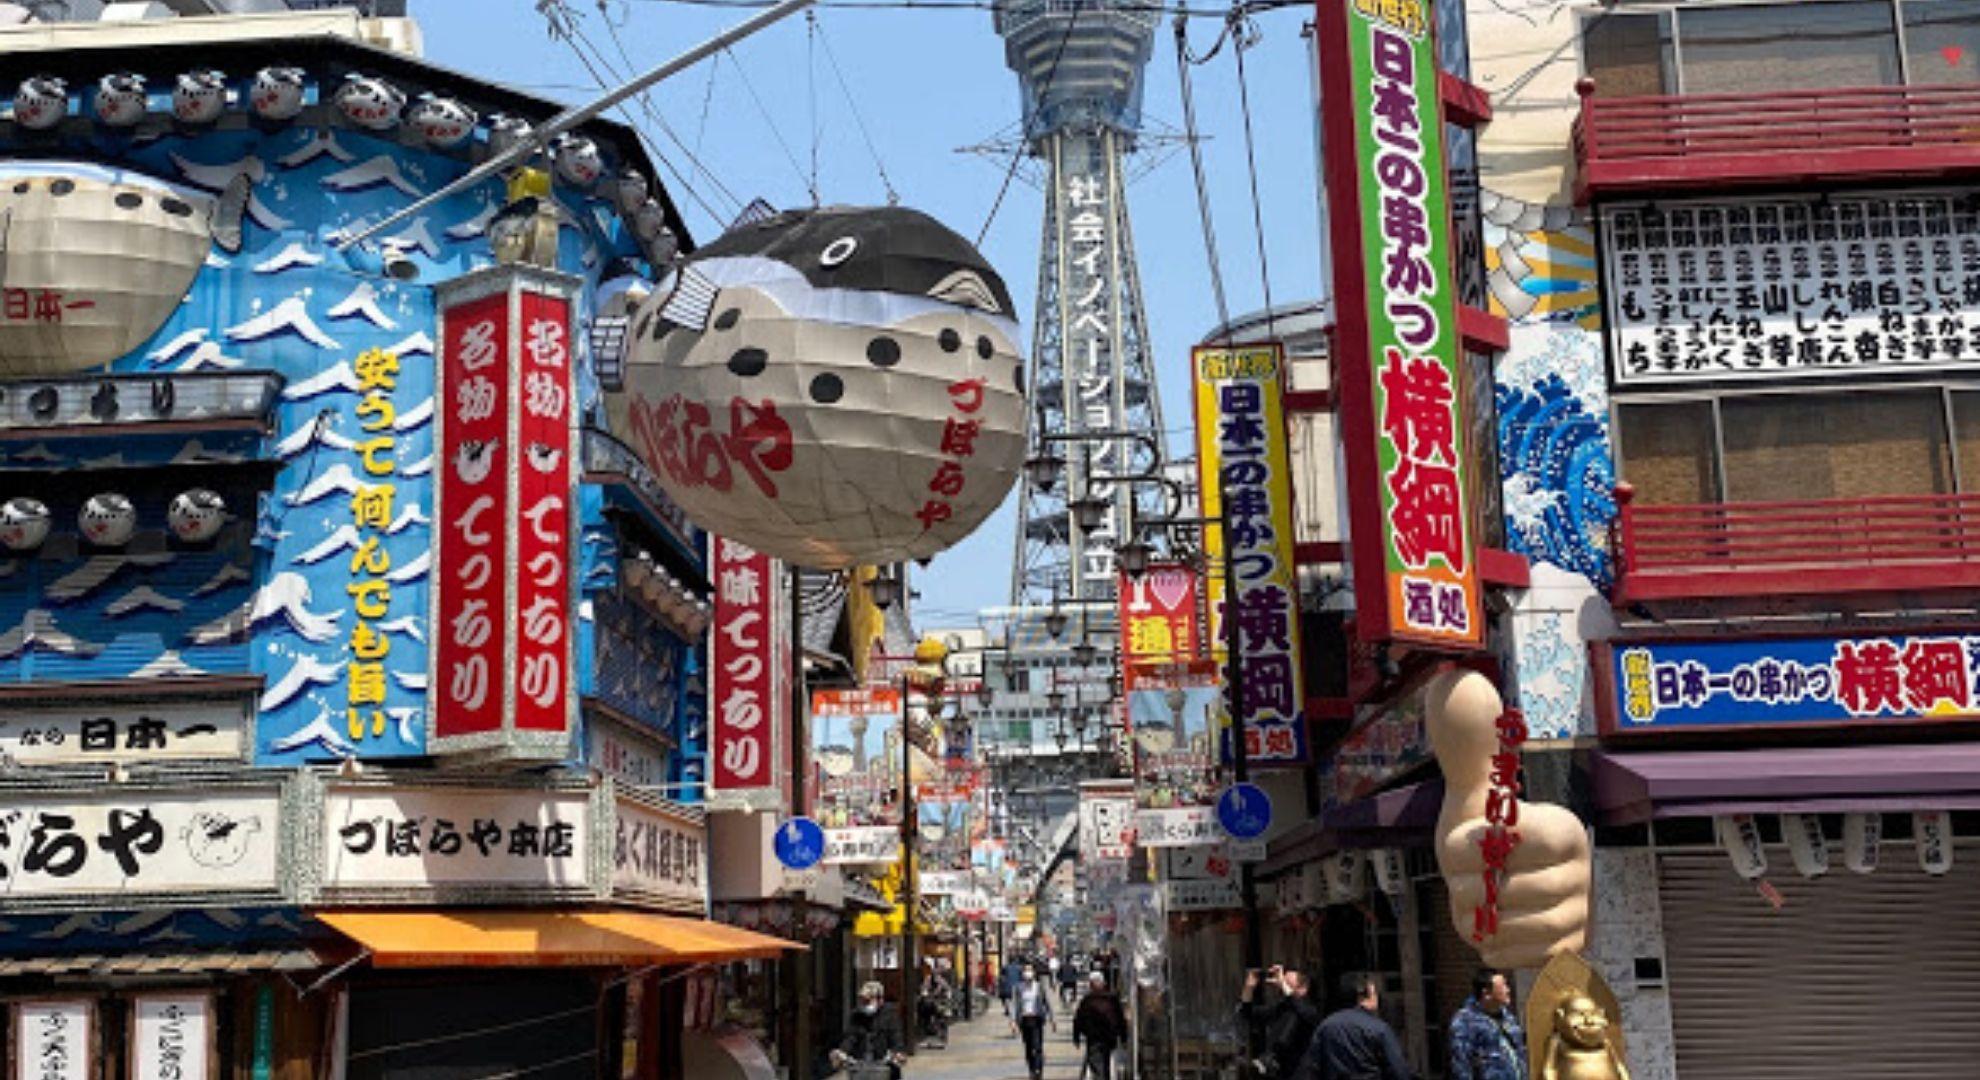 大阪は台湾・台中並の物価。やはりコスパ最強都市の一つですね。